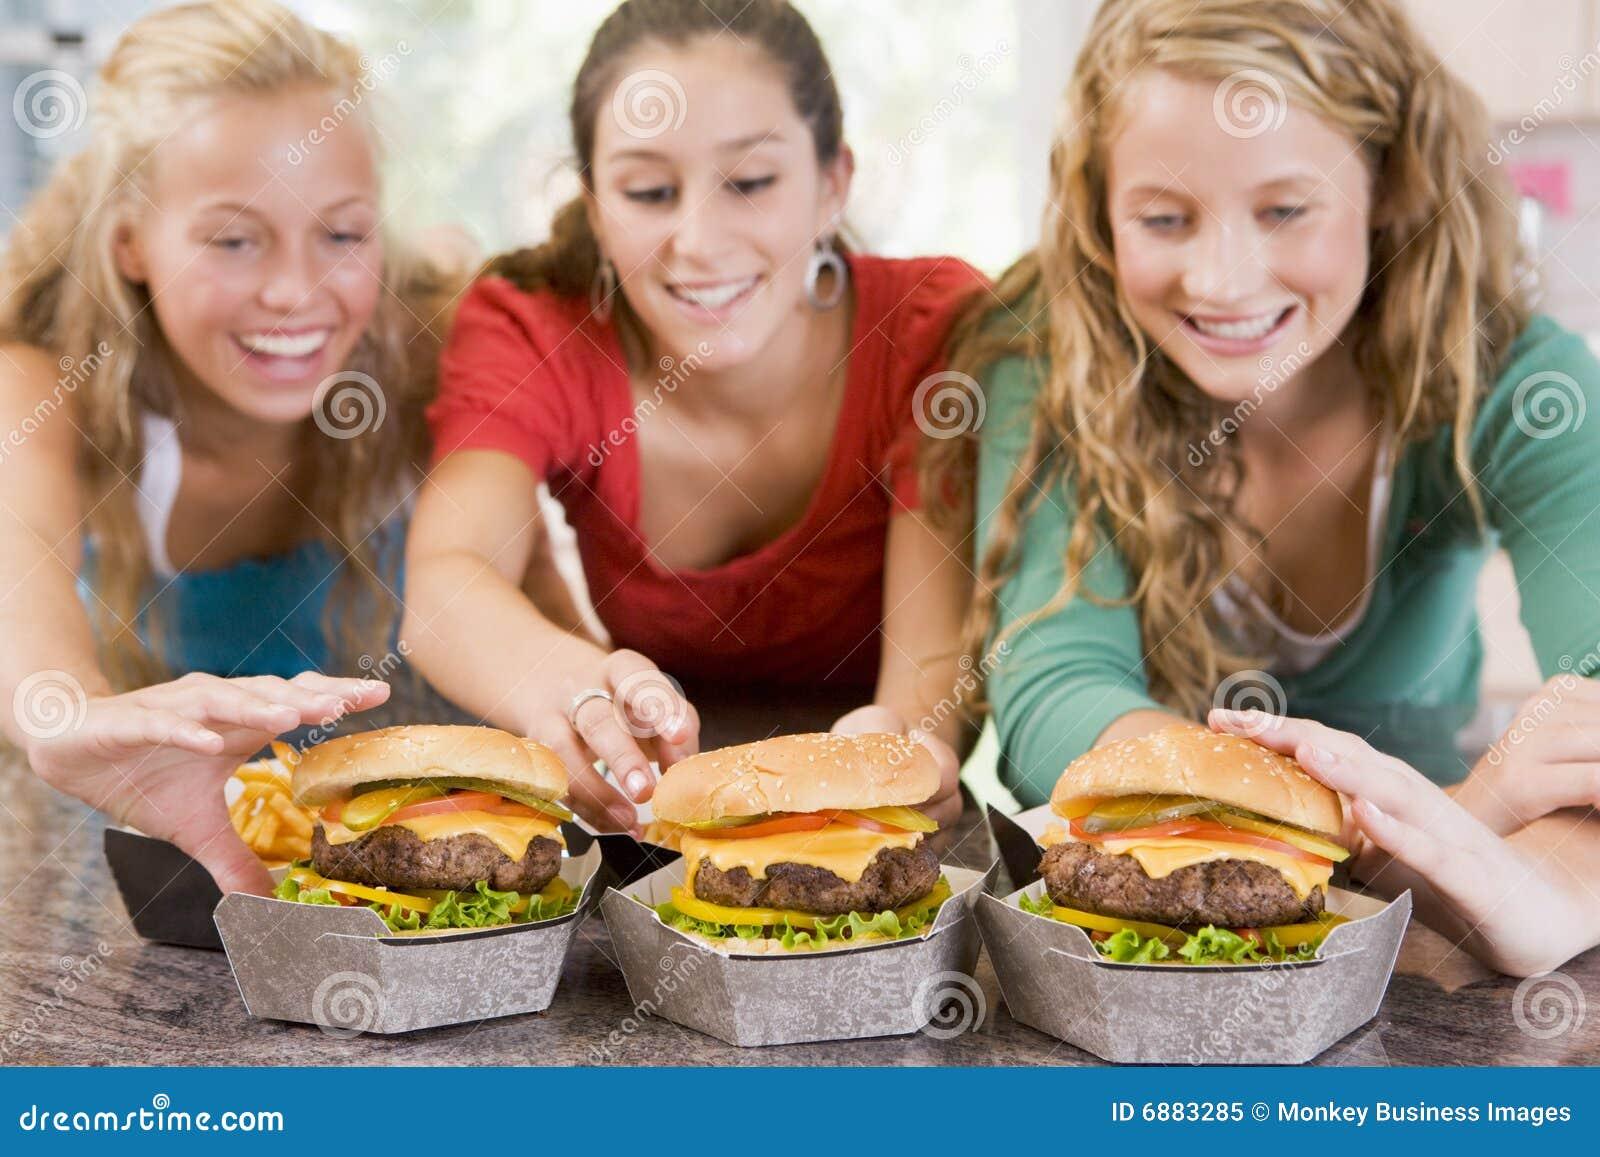 jugendlichen die burger essen stockbild bild von burger essen 6883285. Black Bedroom Furniture Sets. Home Design Ideas